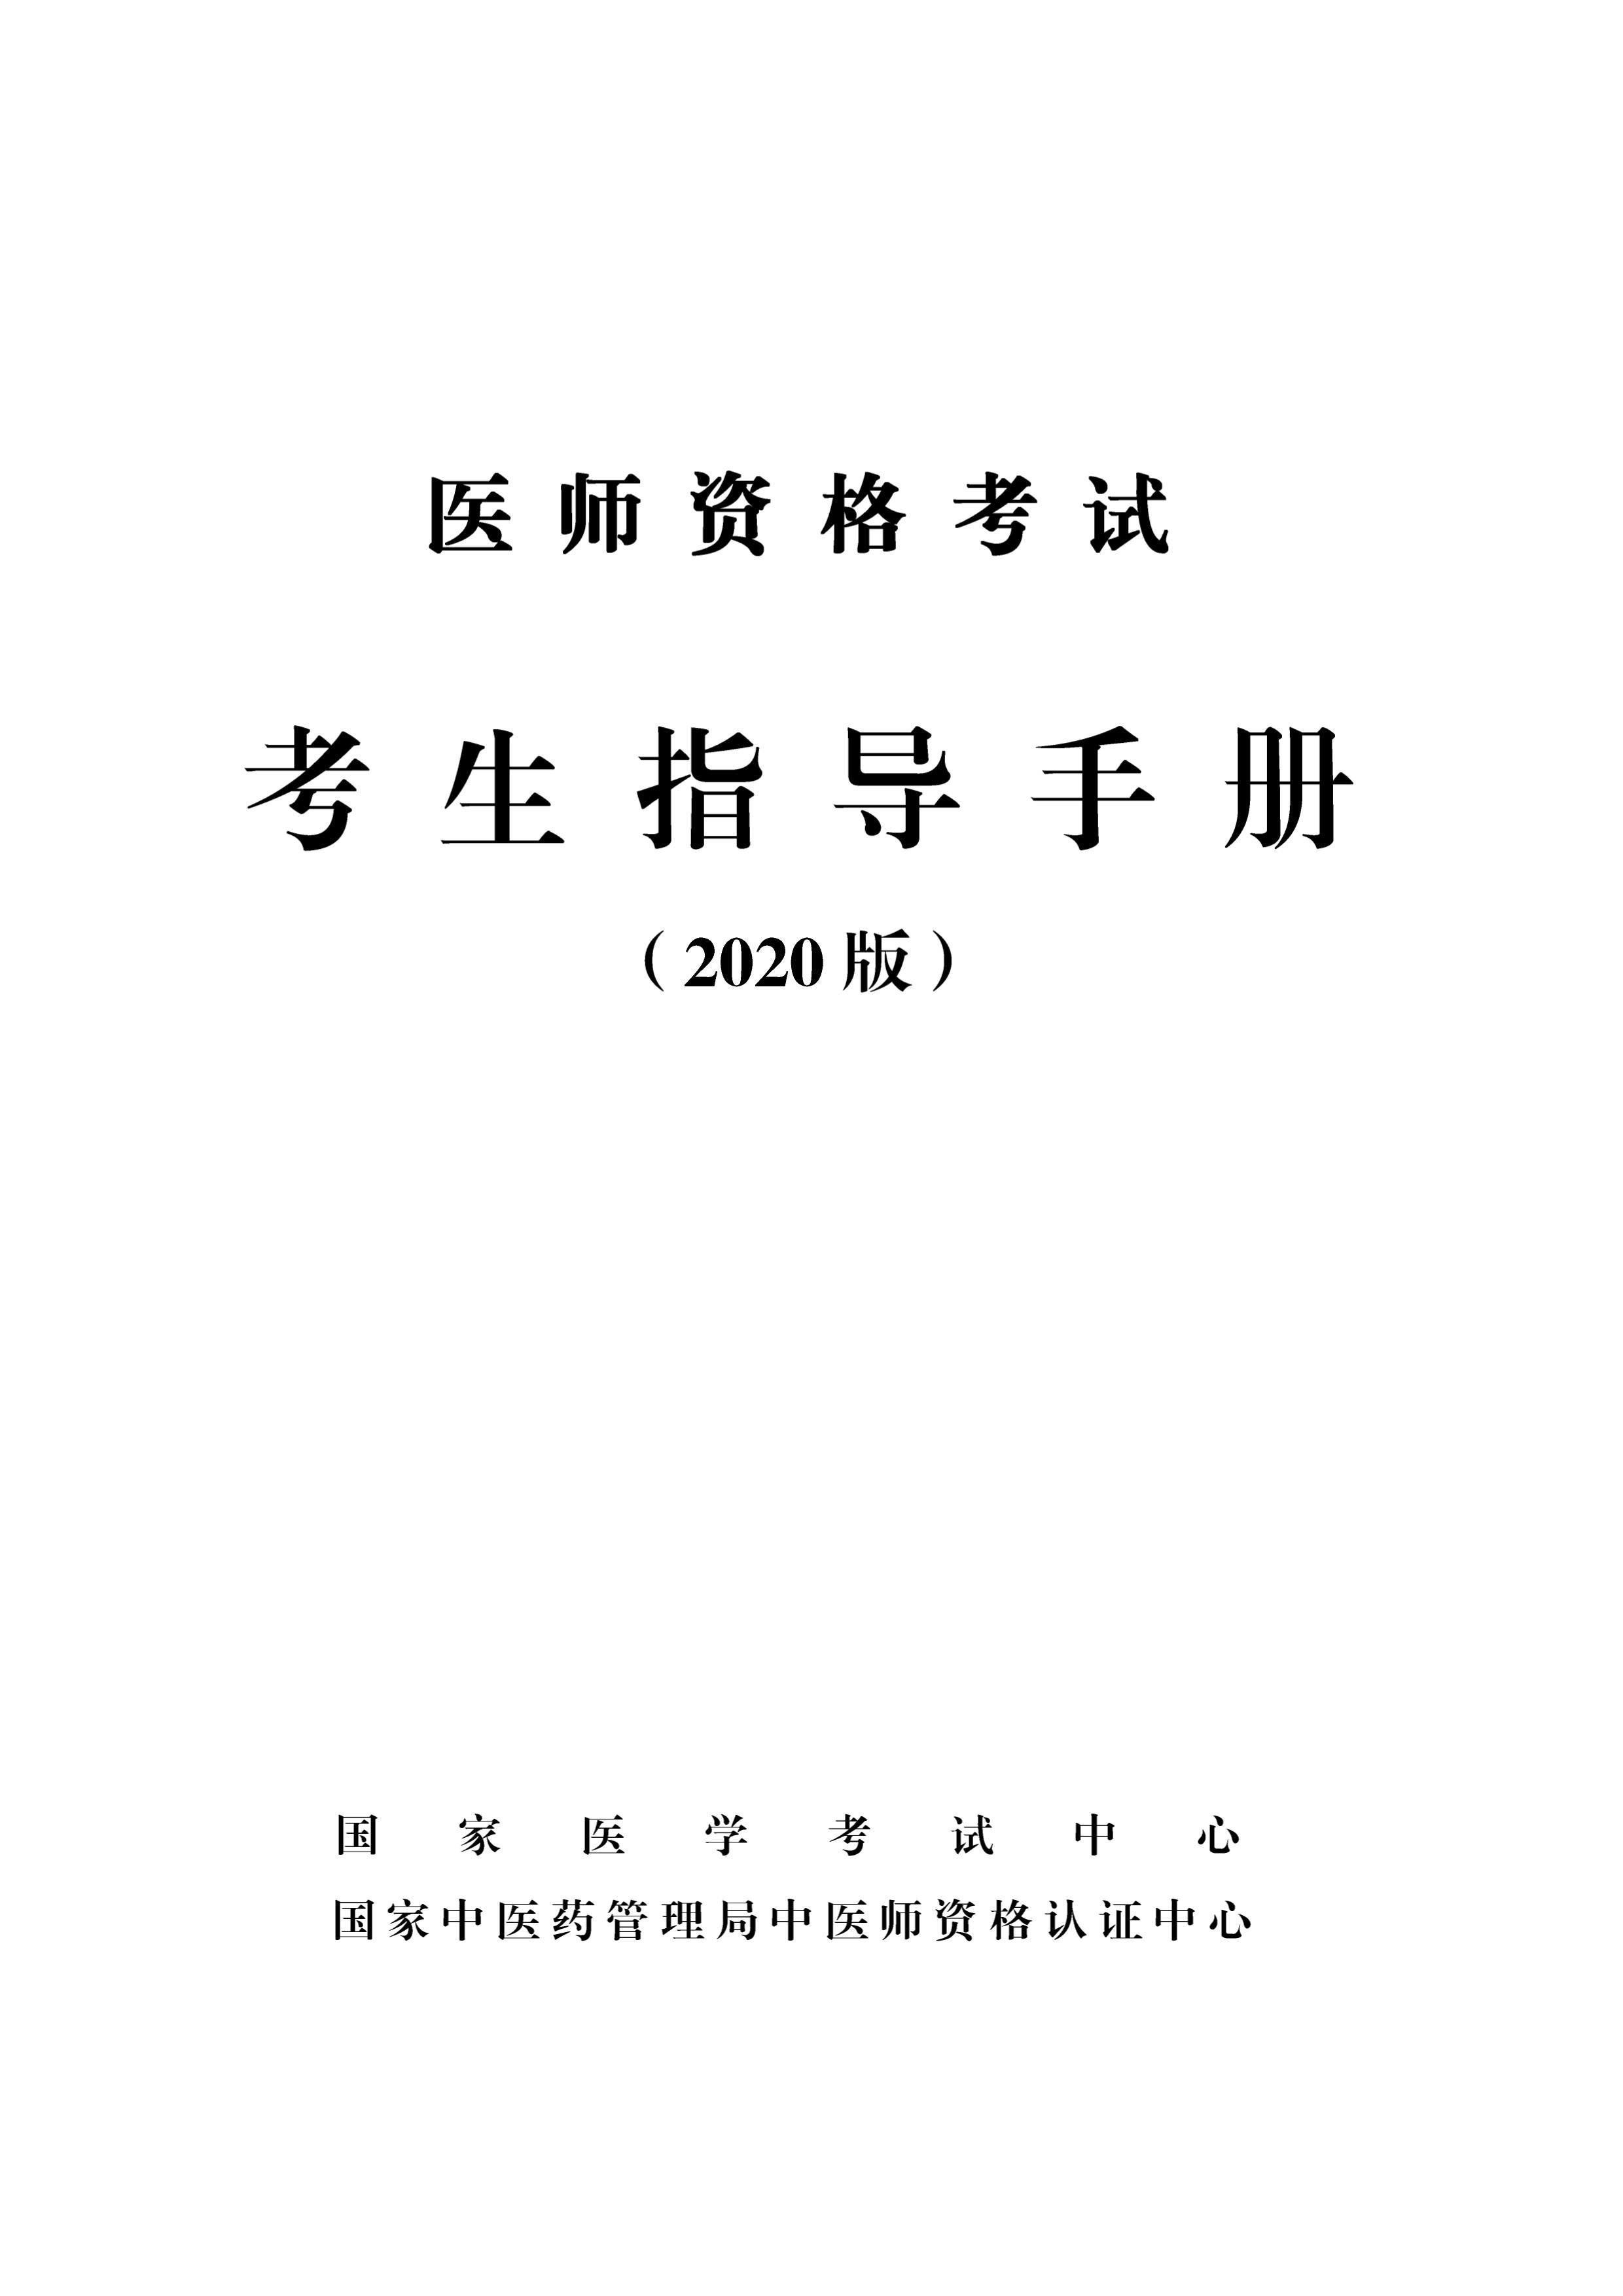 2020年考生手册正文_1